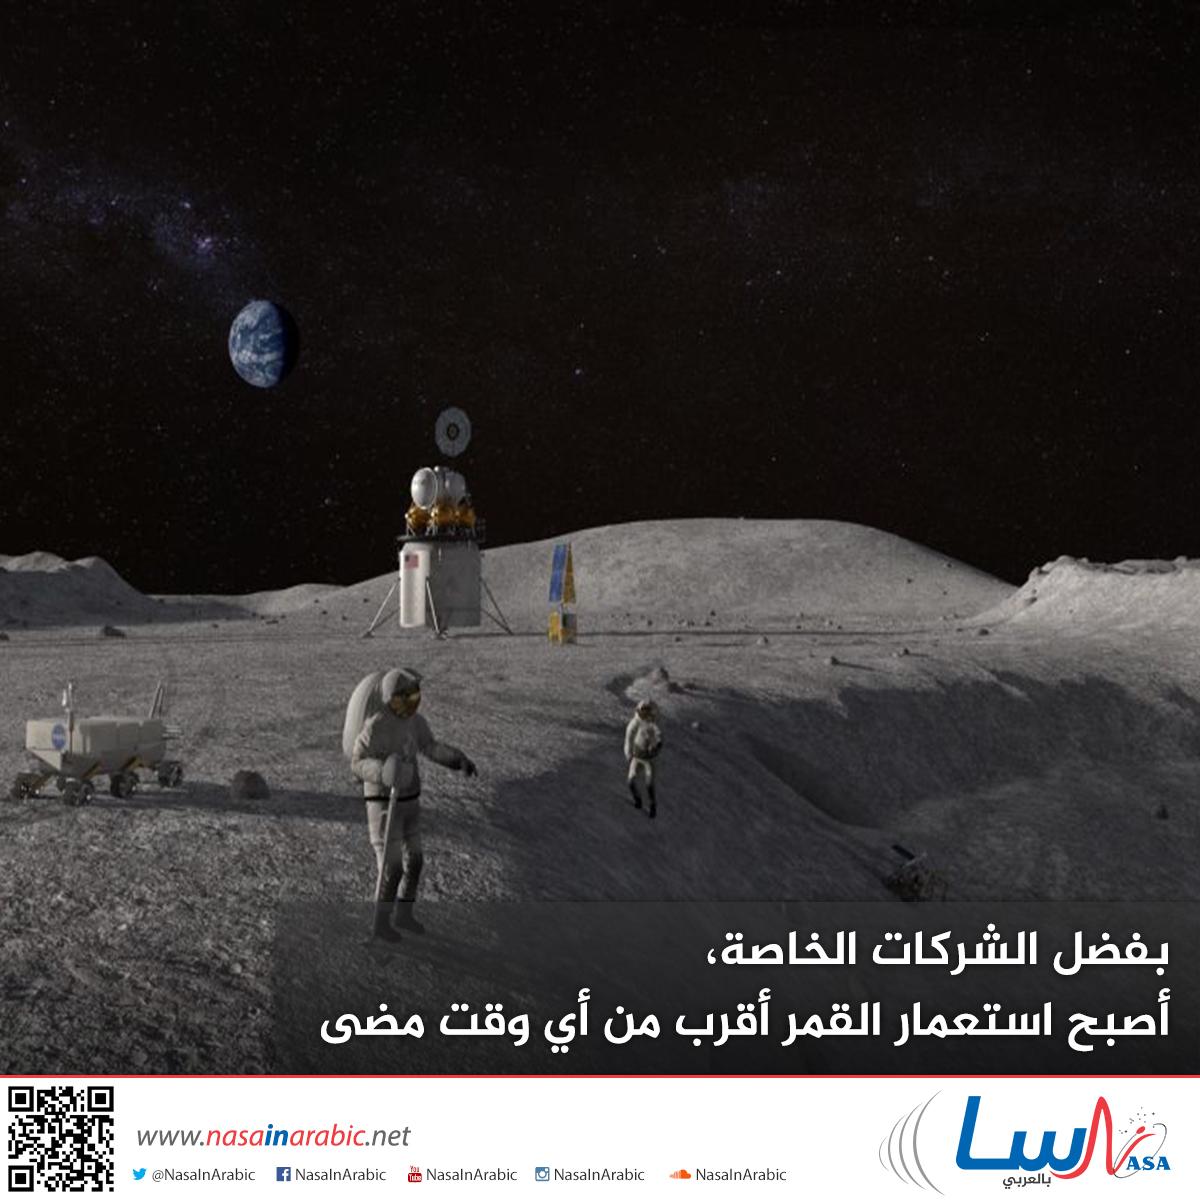 بفضل الشركات الخاصة، أصبح استعمار القمر أقرب من أي وقت مضى